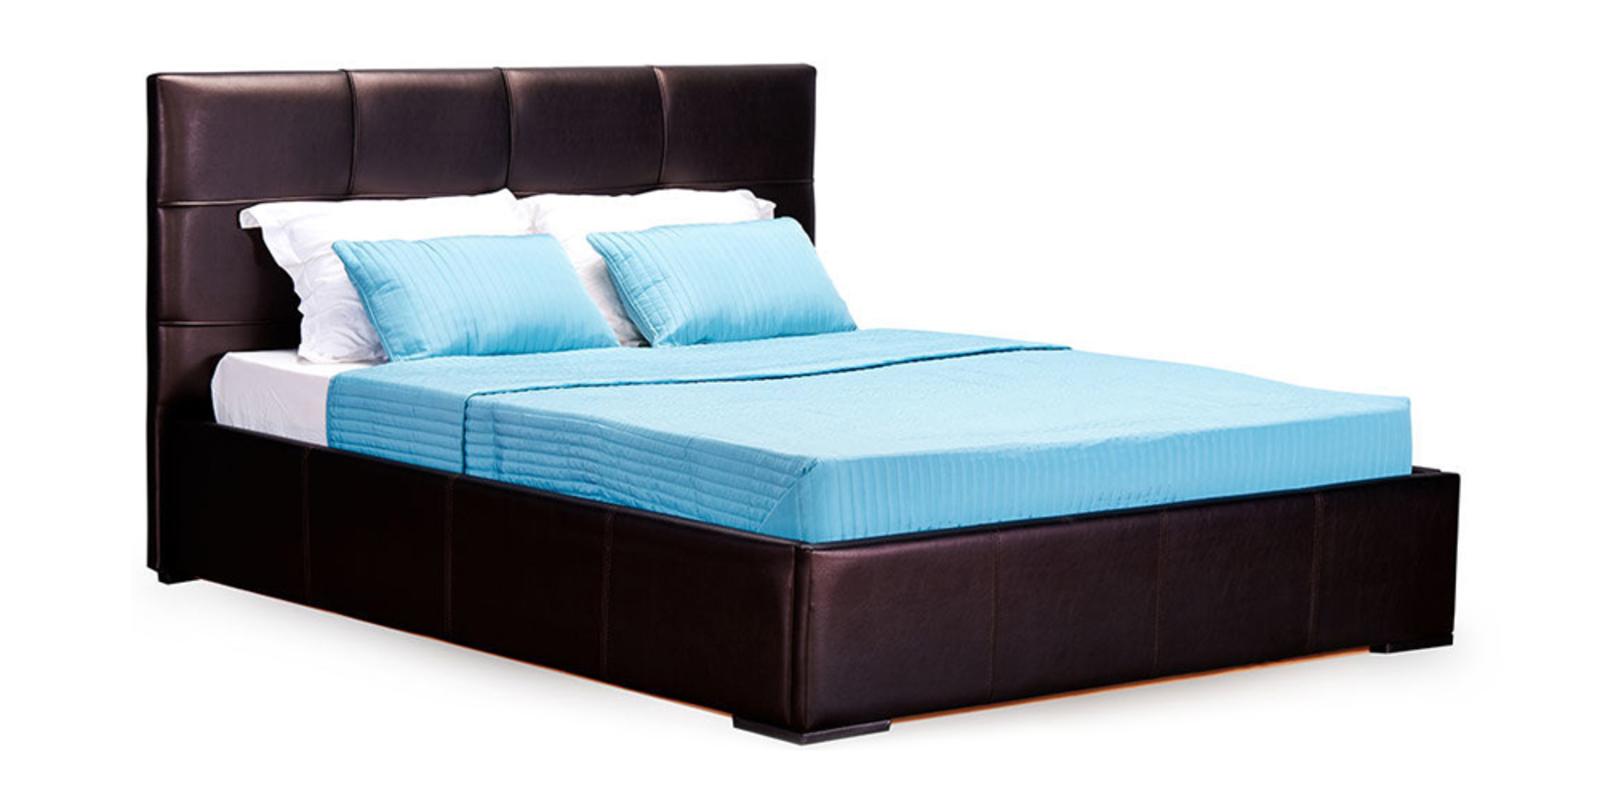 Кровать мягкая Лайф с подъемным механизмом (Шоколад)